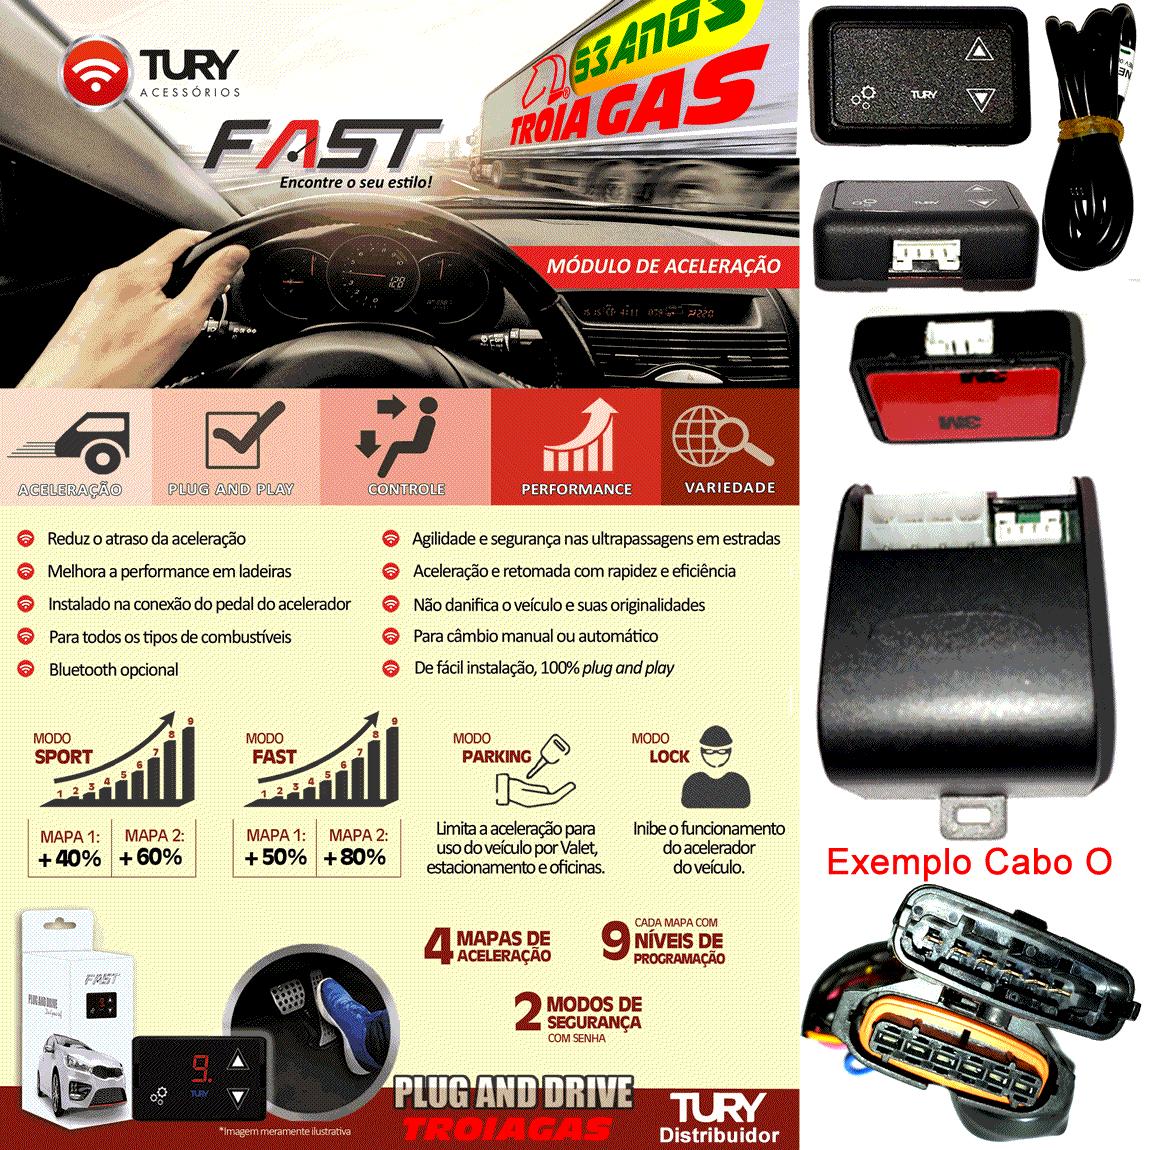 Fast 2.0 Q Mercedes Benz e Smart Módulo Acelerador Plug & Play